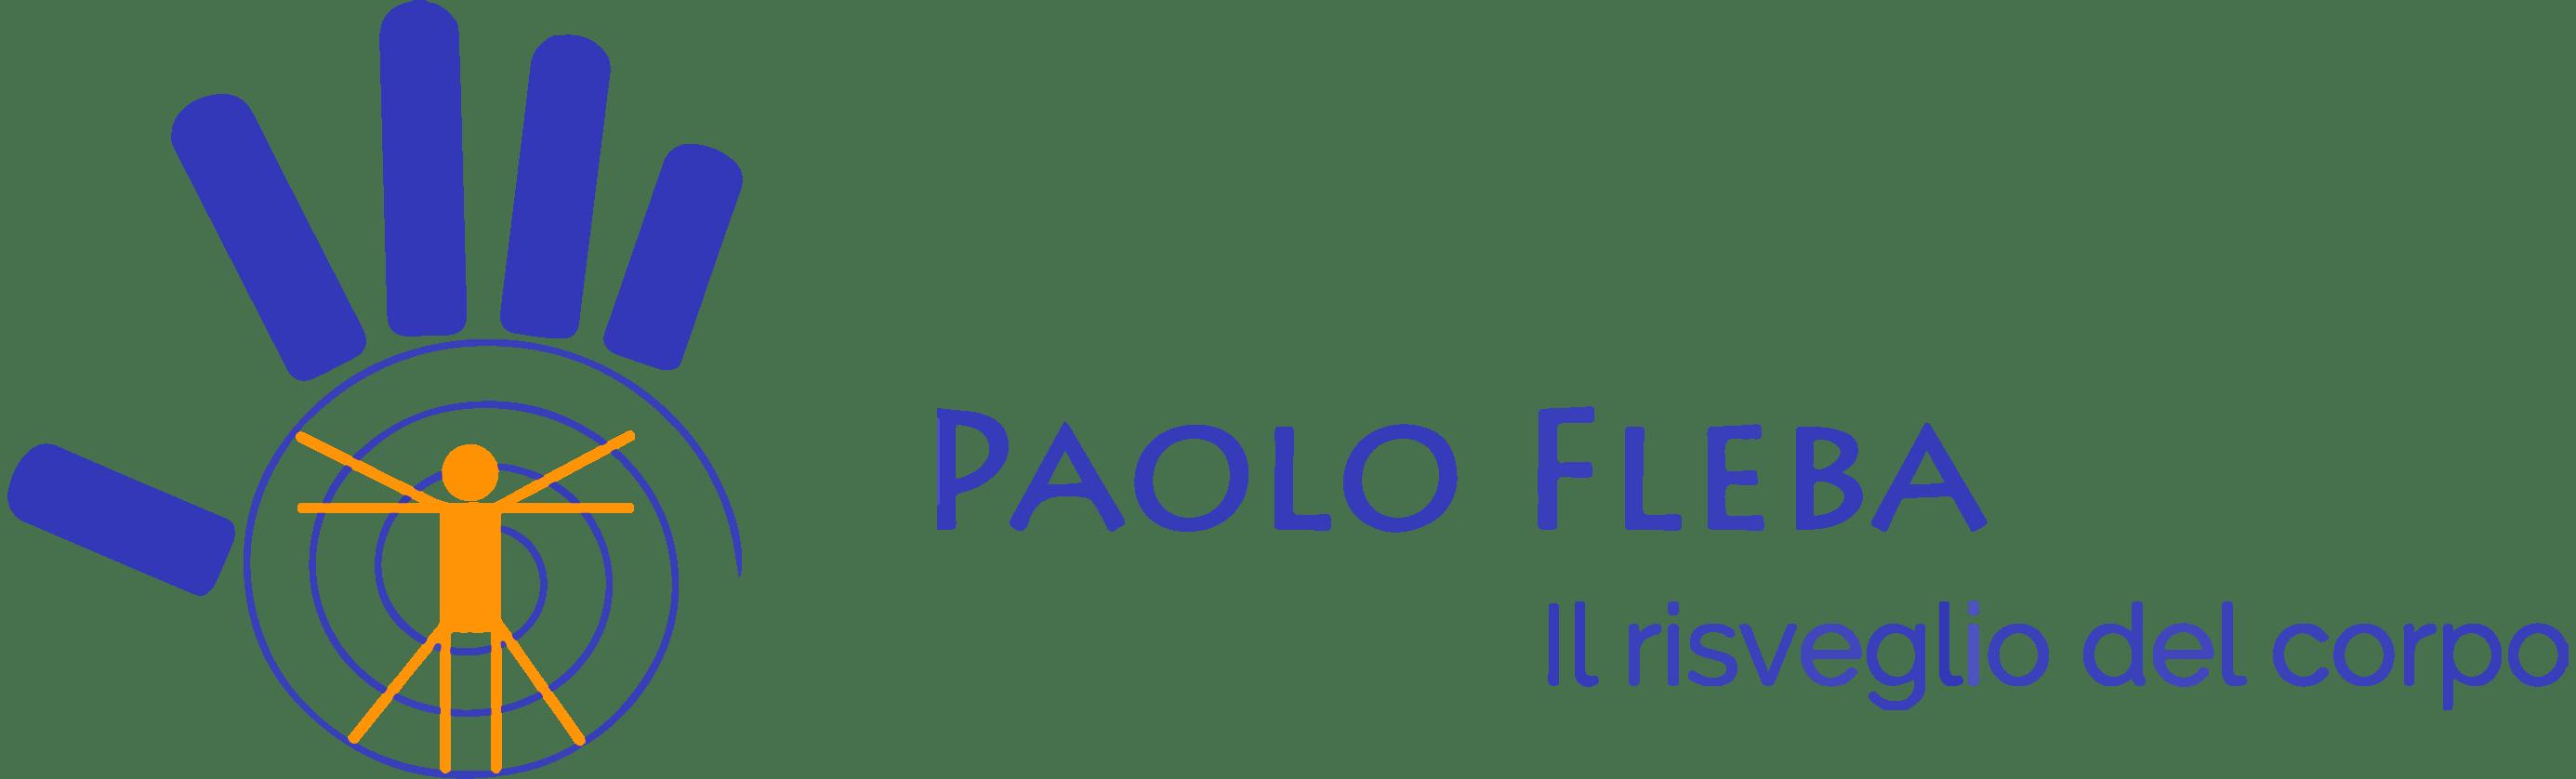 Paolo Fleba